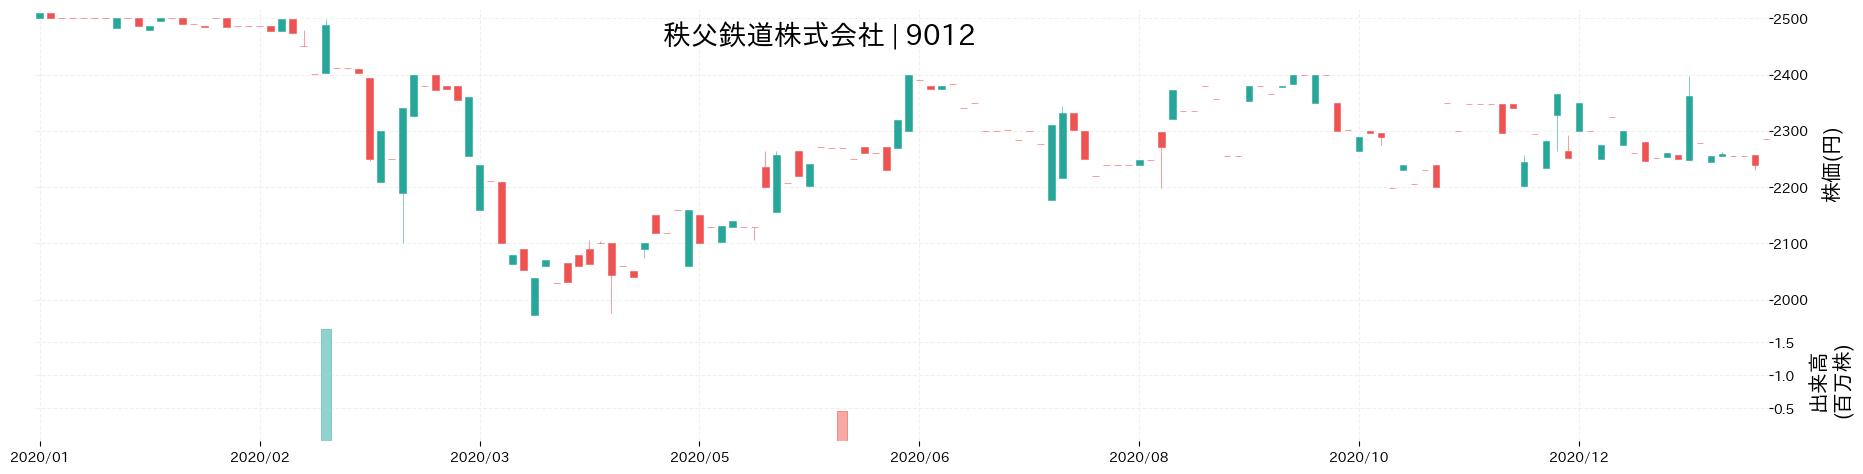 秩父鉄道株式会社の株価推移(2020)